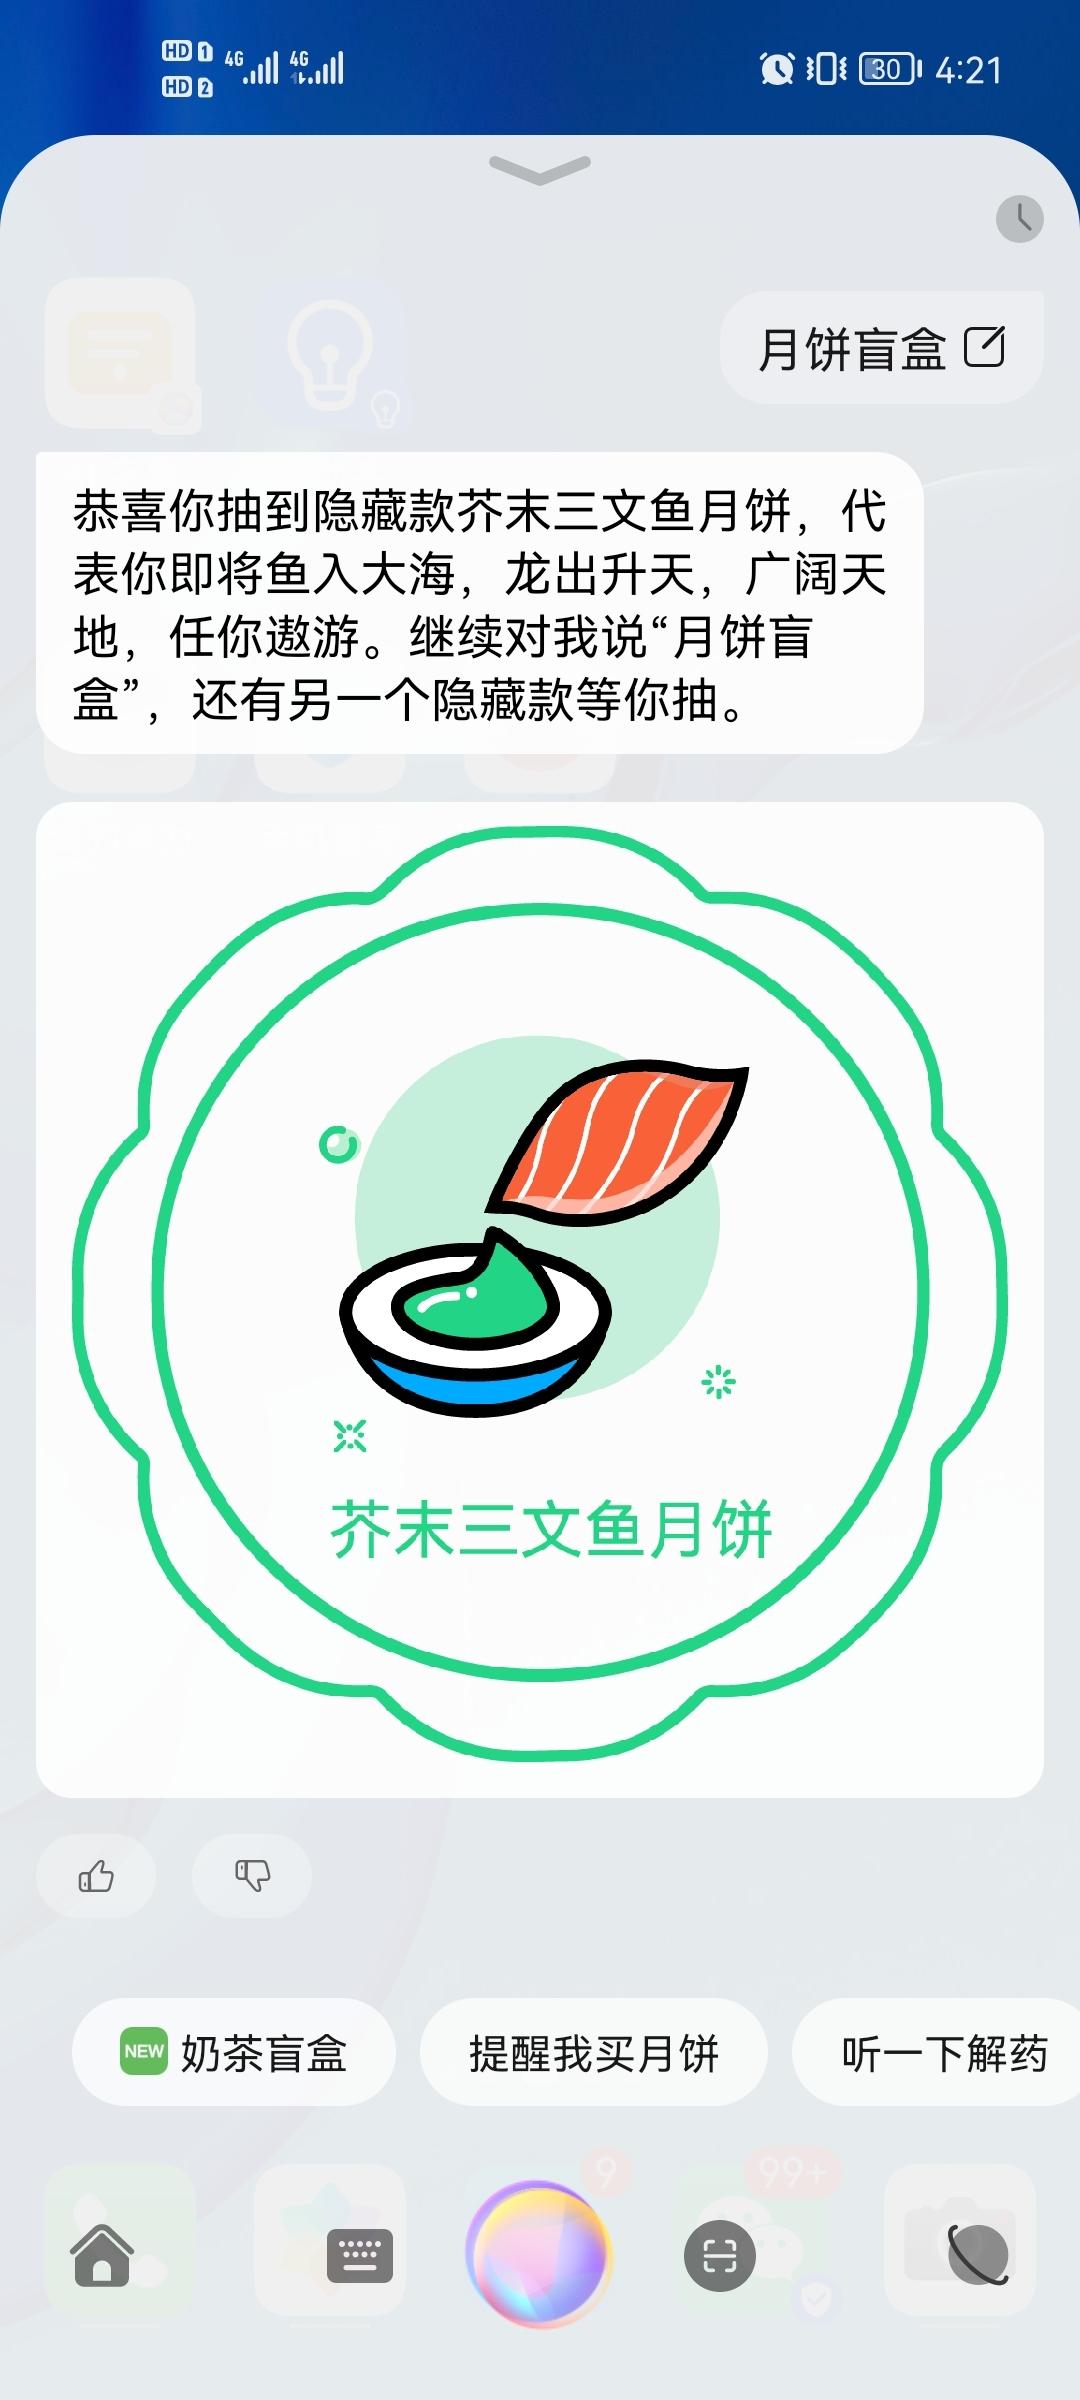 Screenshot_20210917_162105_com.huawei.android.launcher.jpg